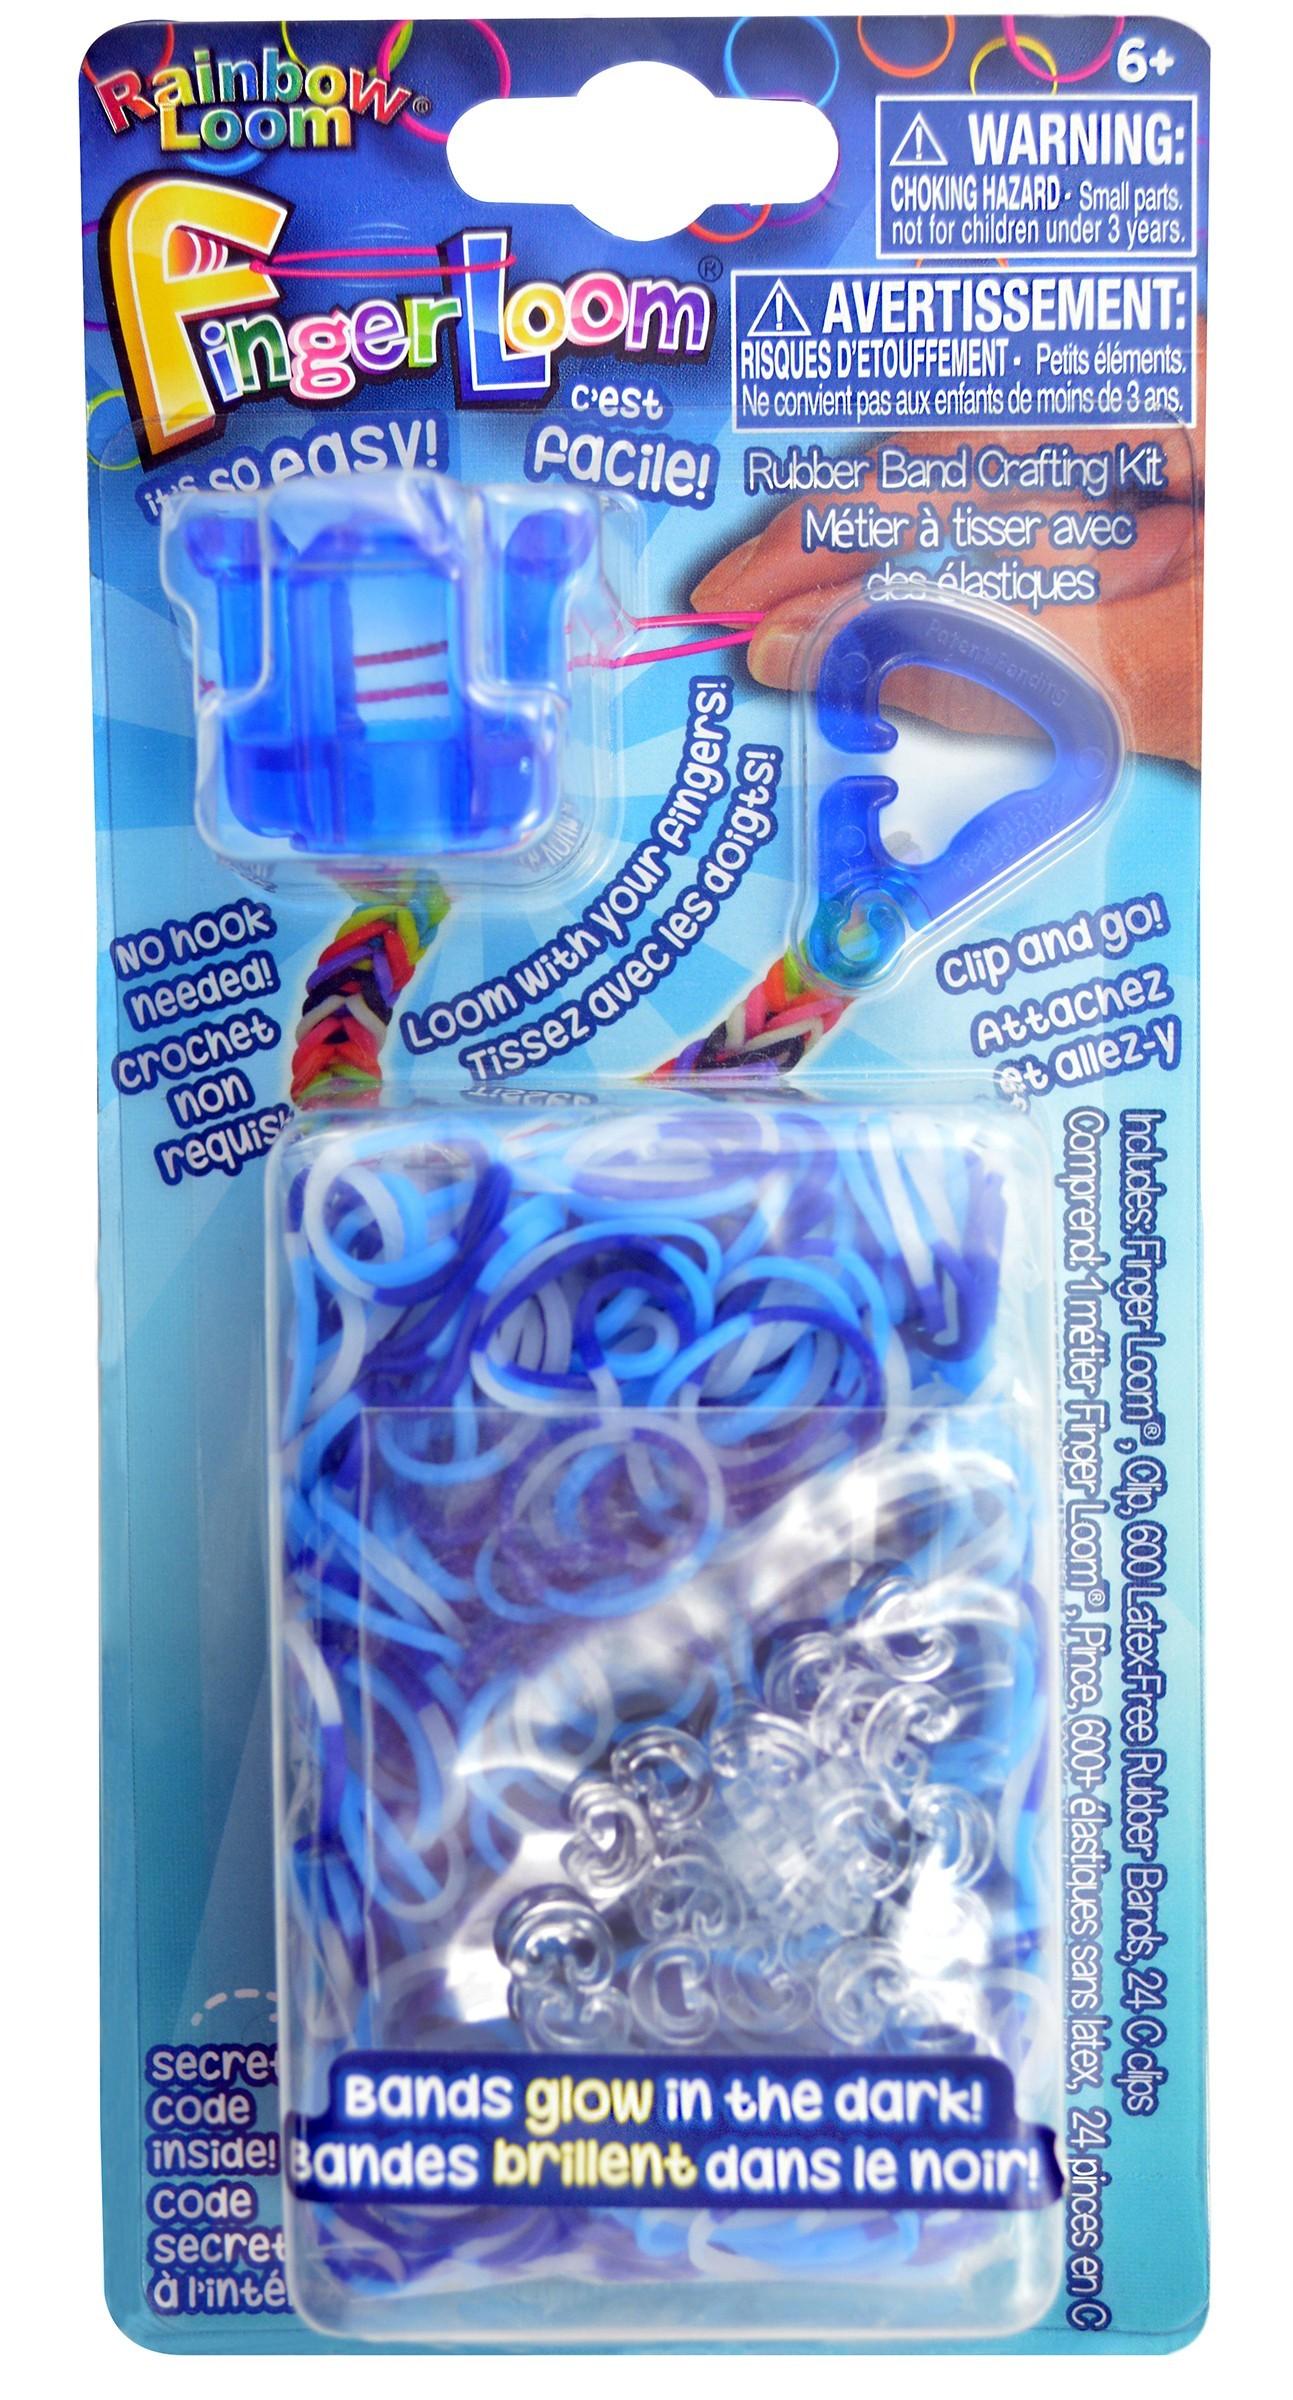 Rainbow Finger Loom - Finger Loom Rainbow Loom modrý 600 kusov